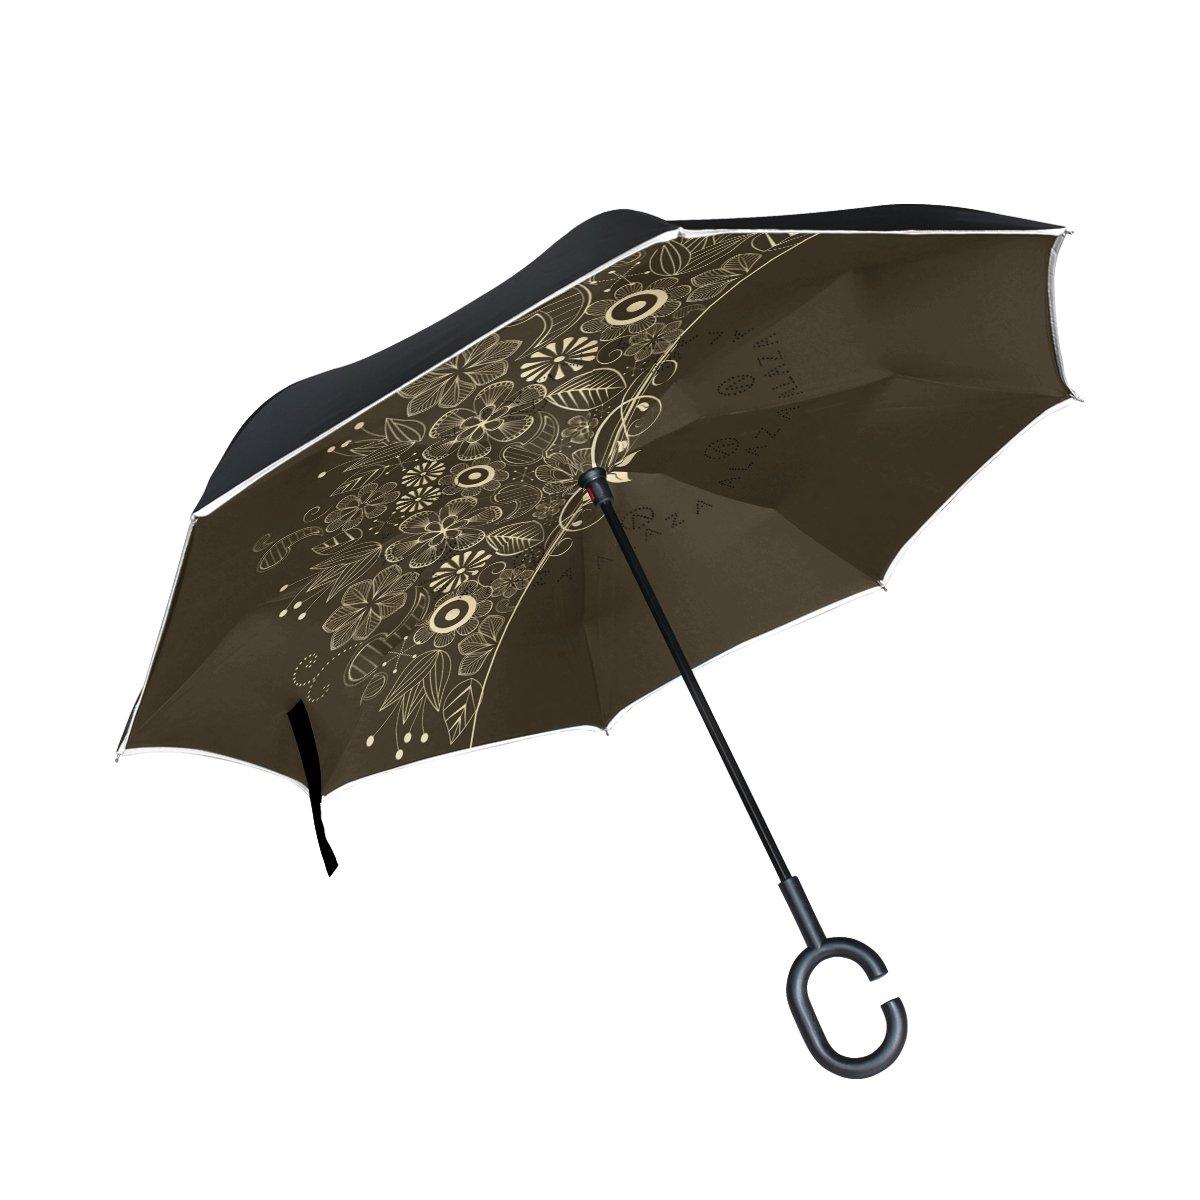 leisisiダブルレイヤー風防止、UVプルーフ折りたたみ逆逆傘旅行傘C形状ハンドル B079S222QL FXS-02